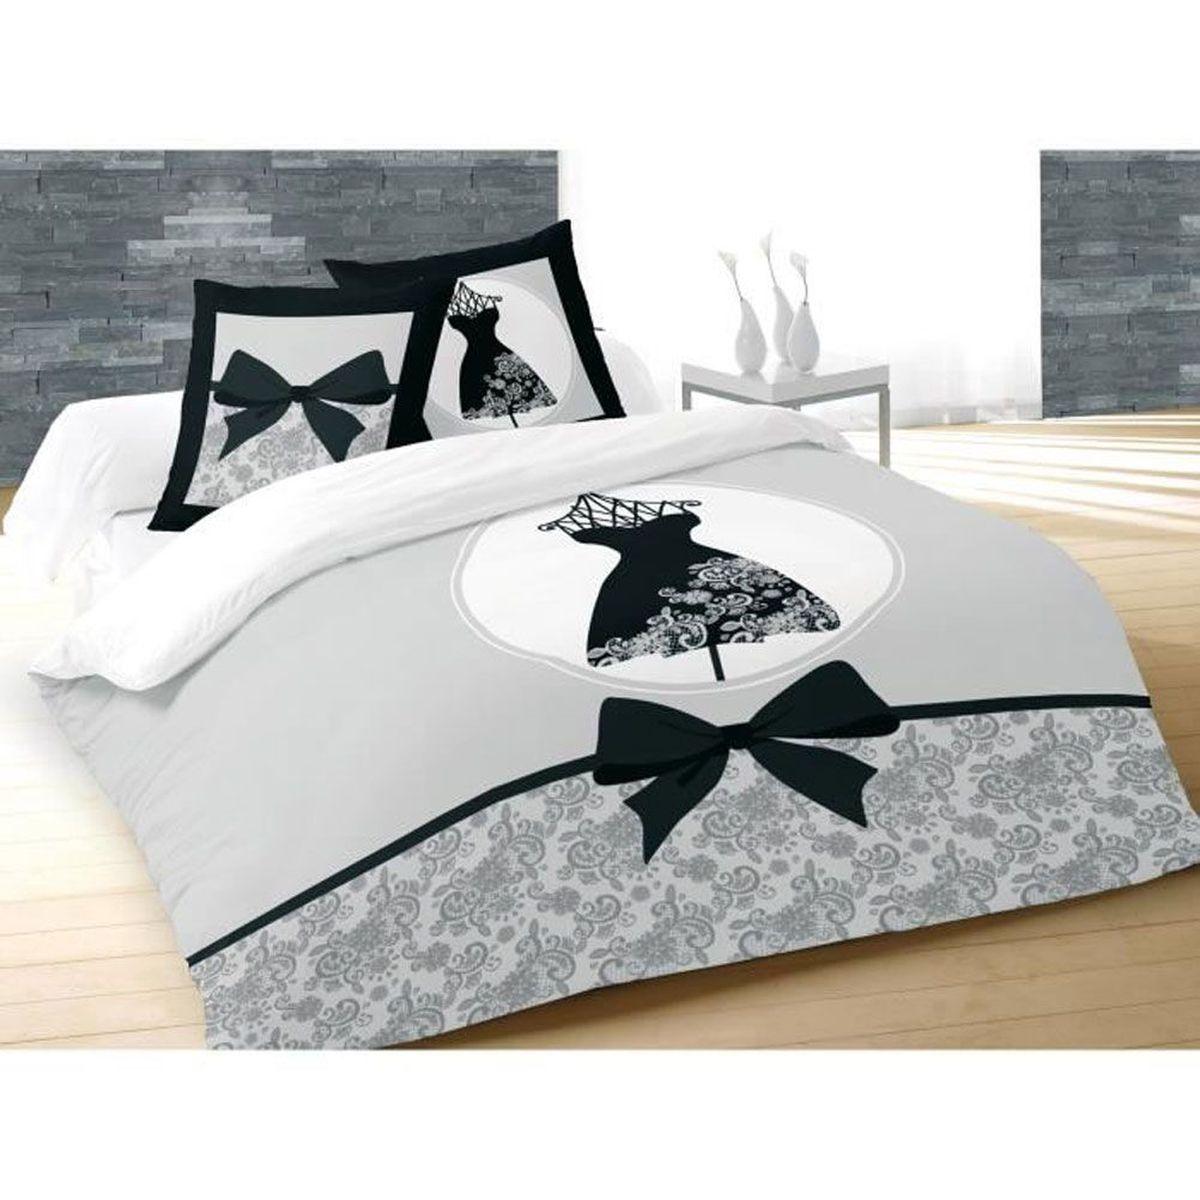 housse de couette parure de lit housse de couette la petite robe noire et 2 taies 220 x 240 cm. Black Bedroom Furniture Sets. Home Design Ideas